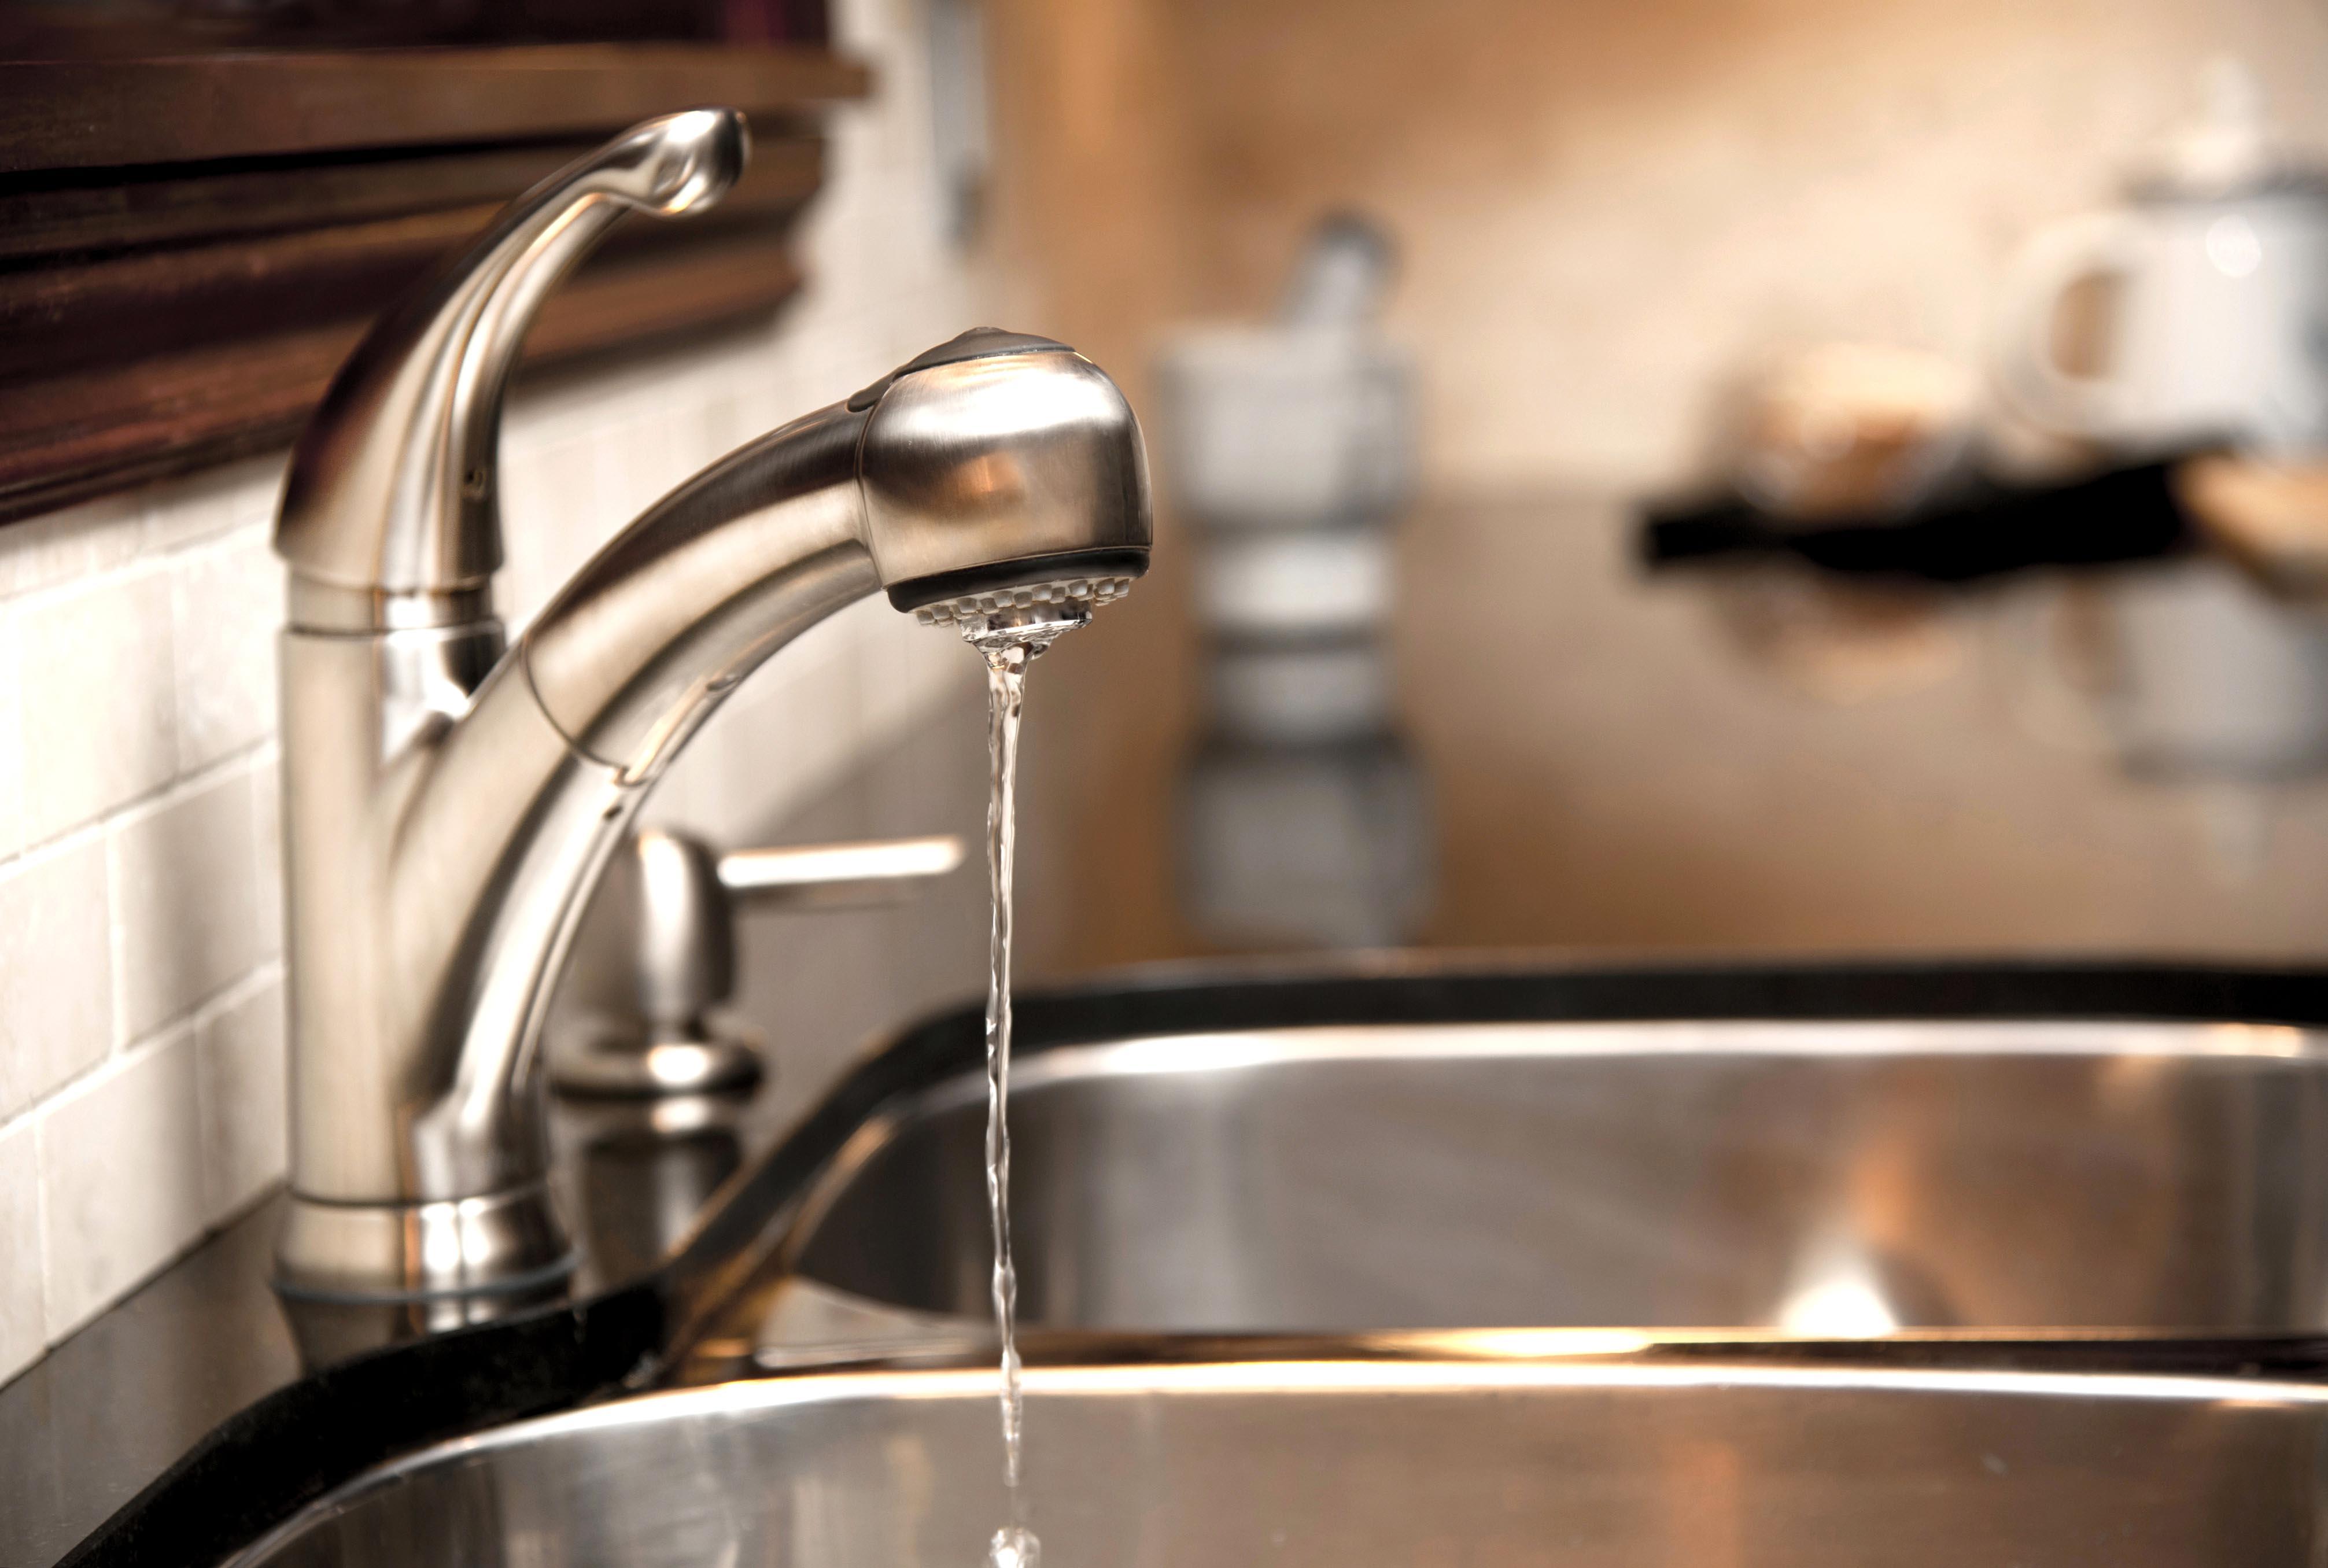 Відключення води по місту перенесли на 19 та 20 липня. Де саме  відключатимуть воду?